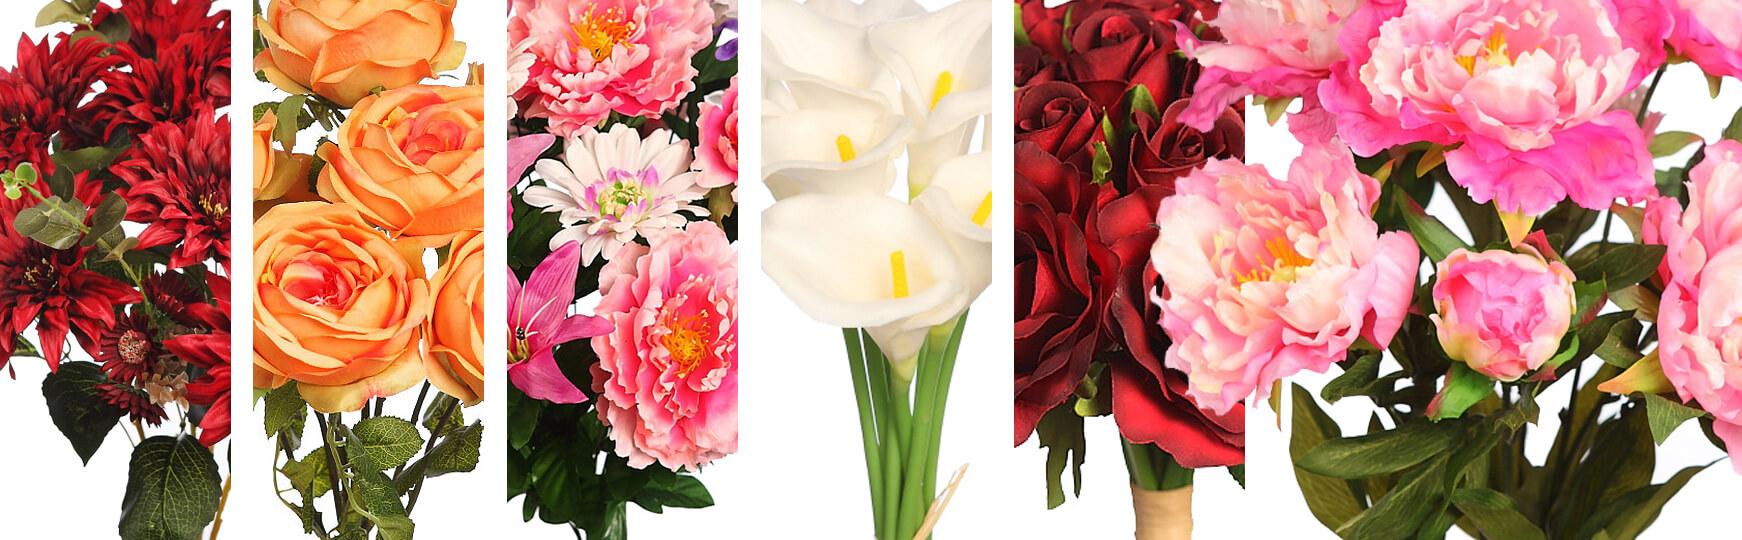 ramos de flores artificiales al mejor precio